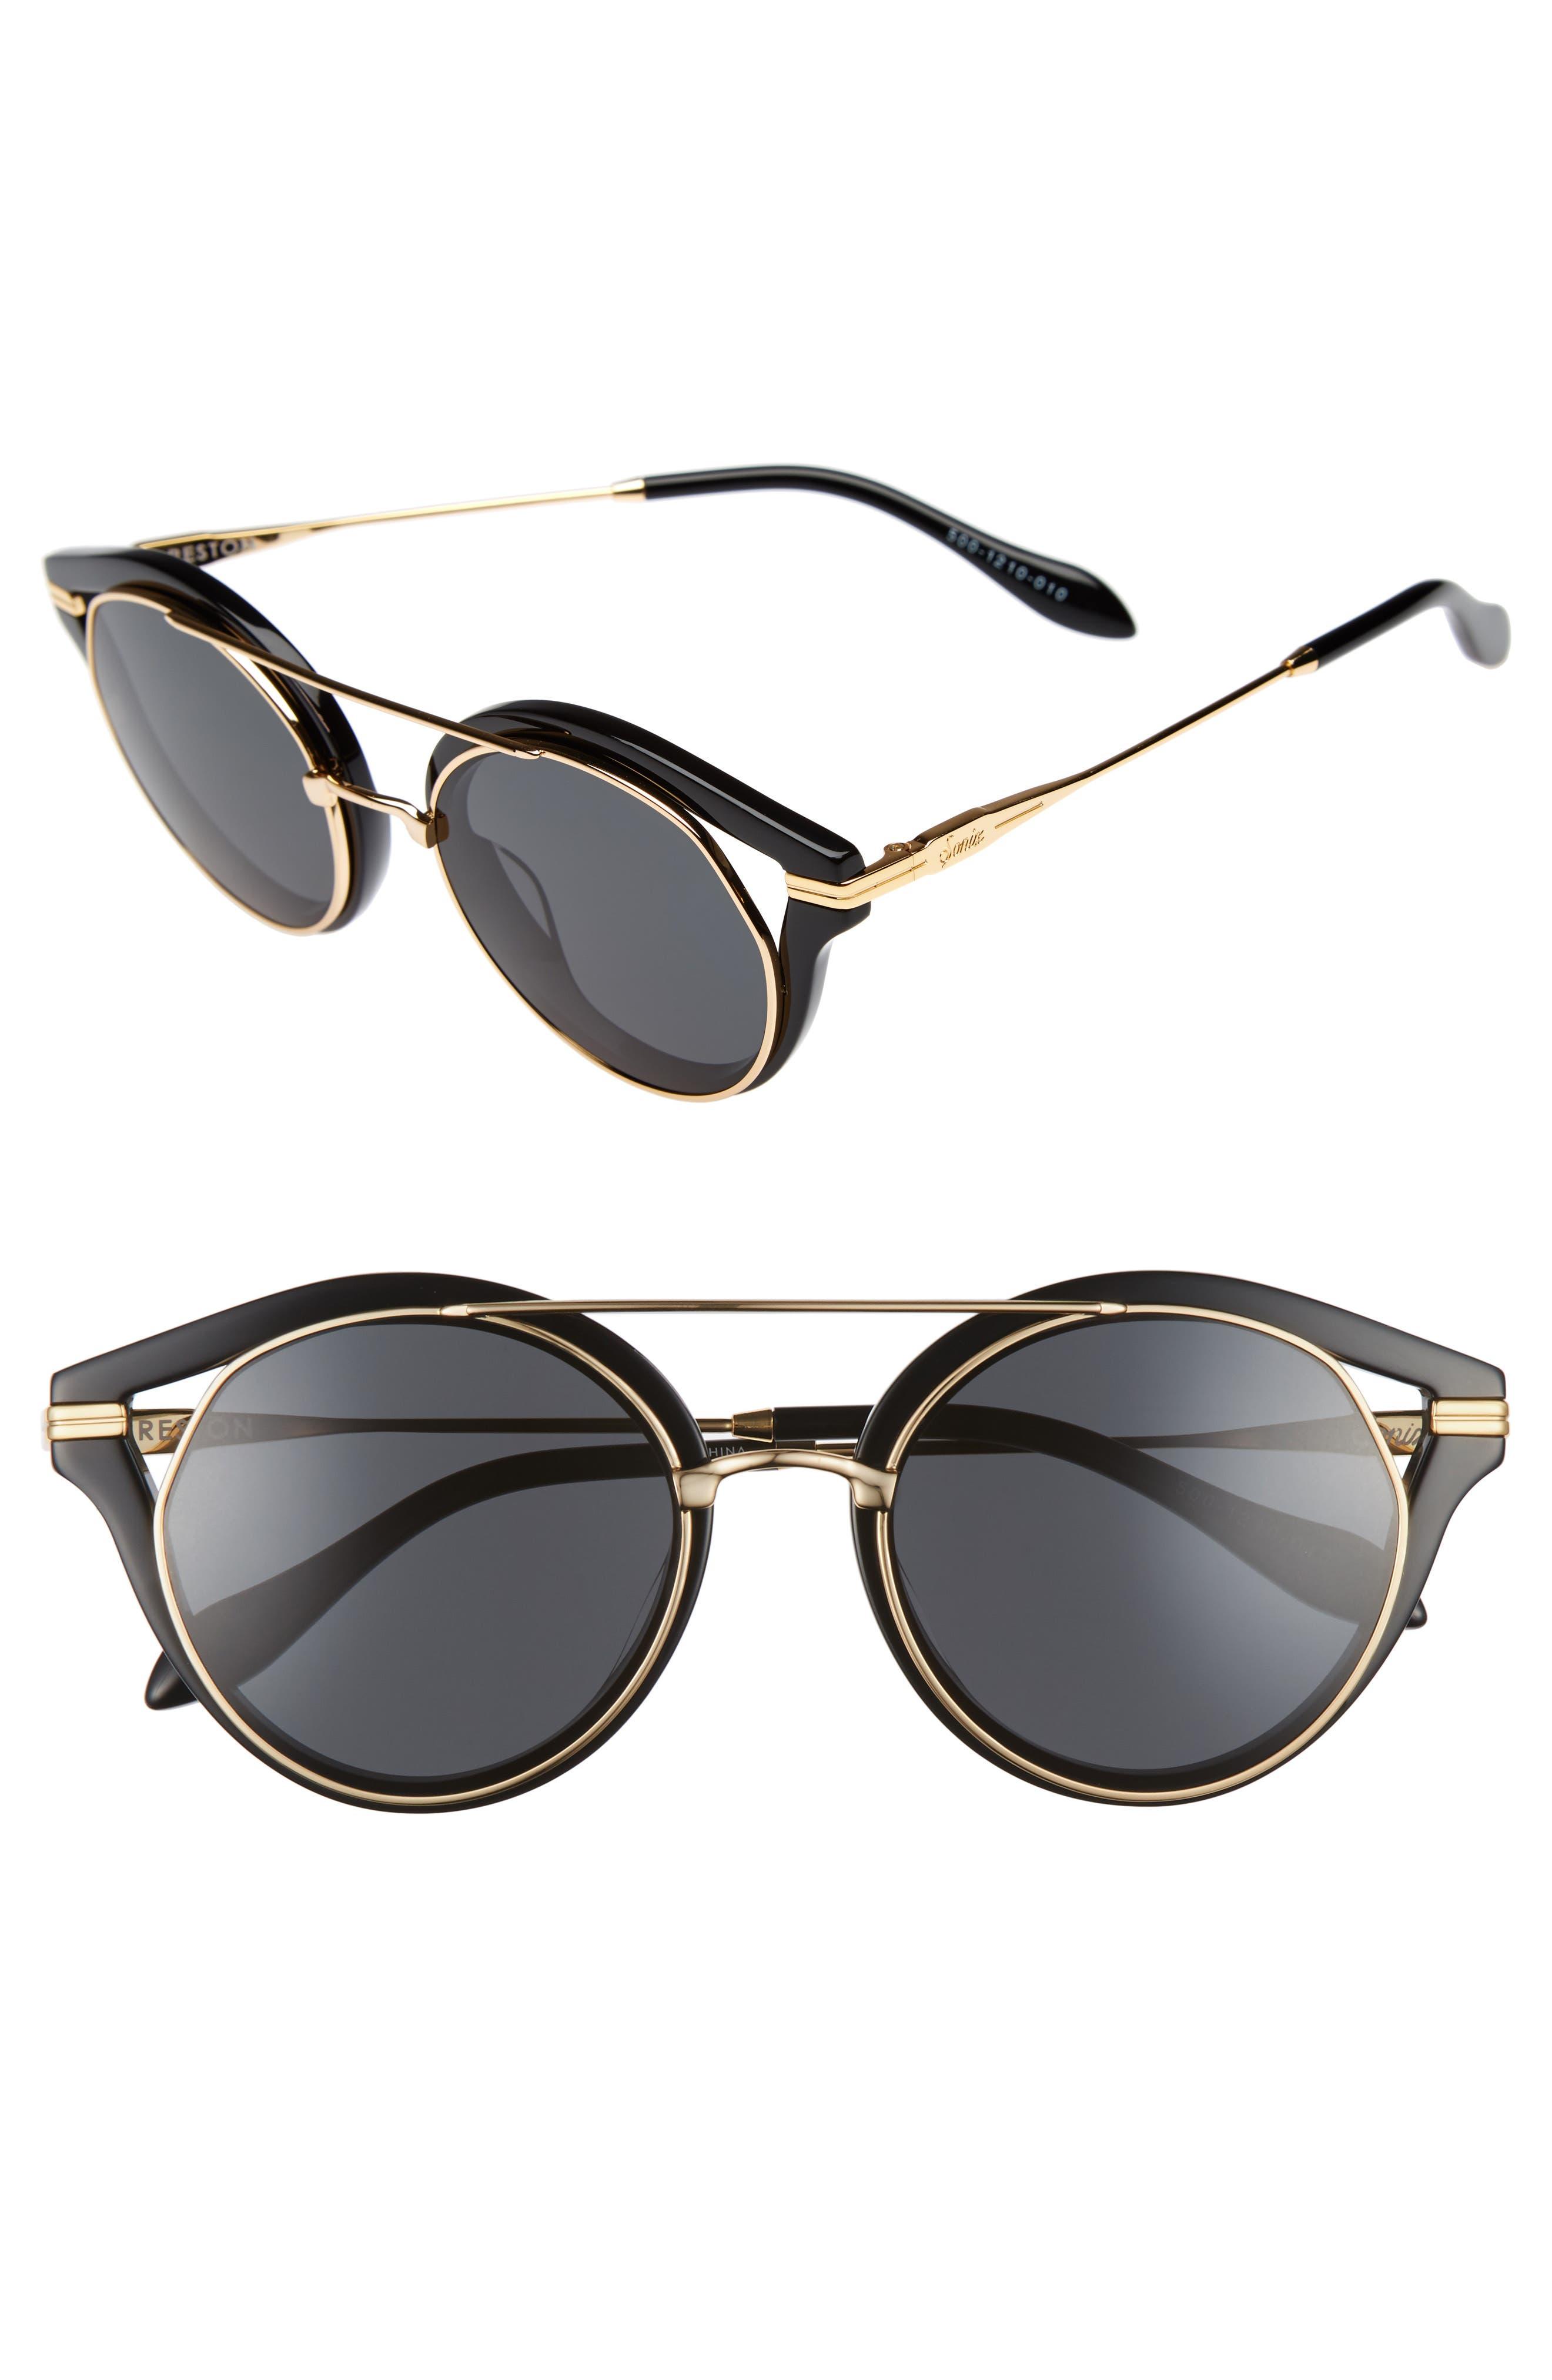 SONIX Preston 51mm Gradient Round Sunglasses, Main, color, 001